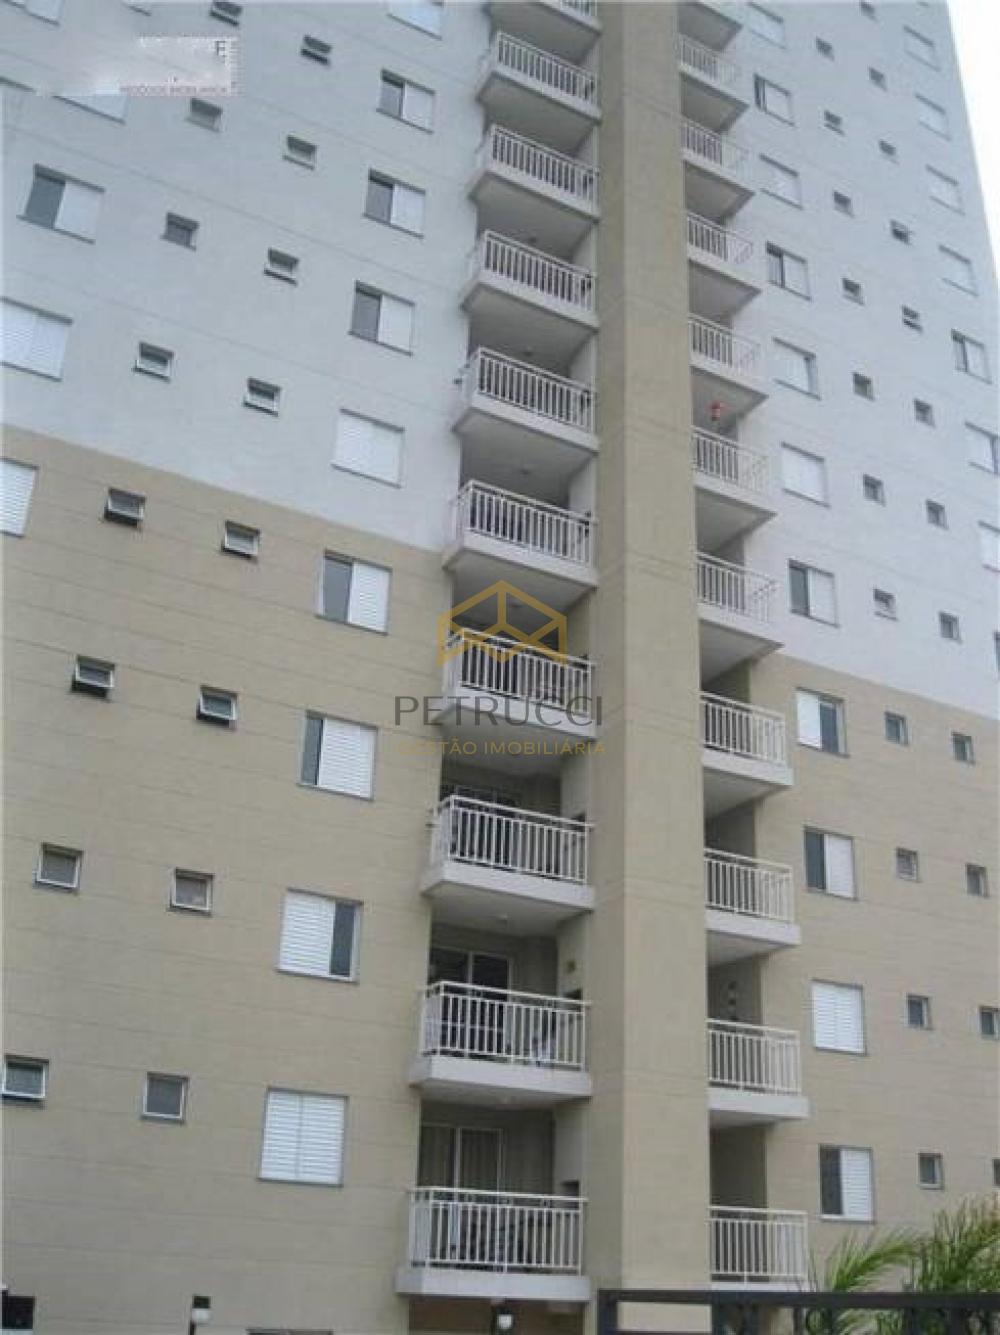 Campinas Apartamento Venda R$530.000,00 Condominio R$610,00 3 Dormitorios 1 Suite Area construida 80.00m2